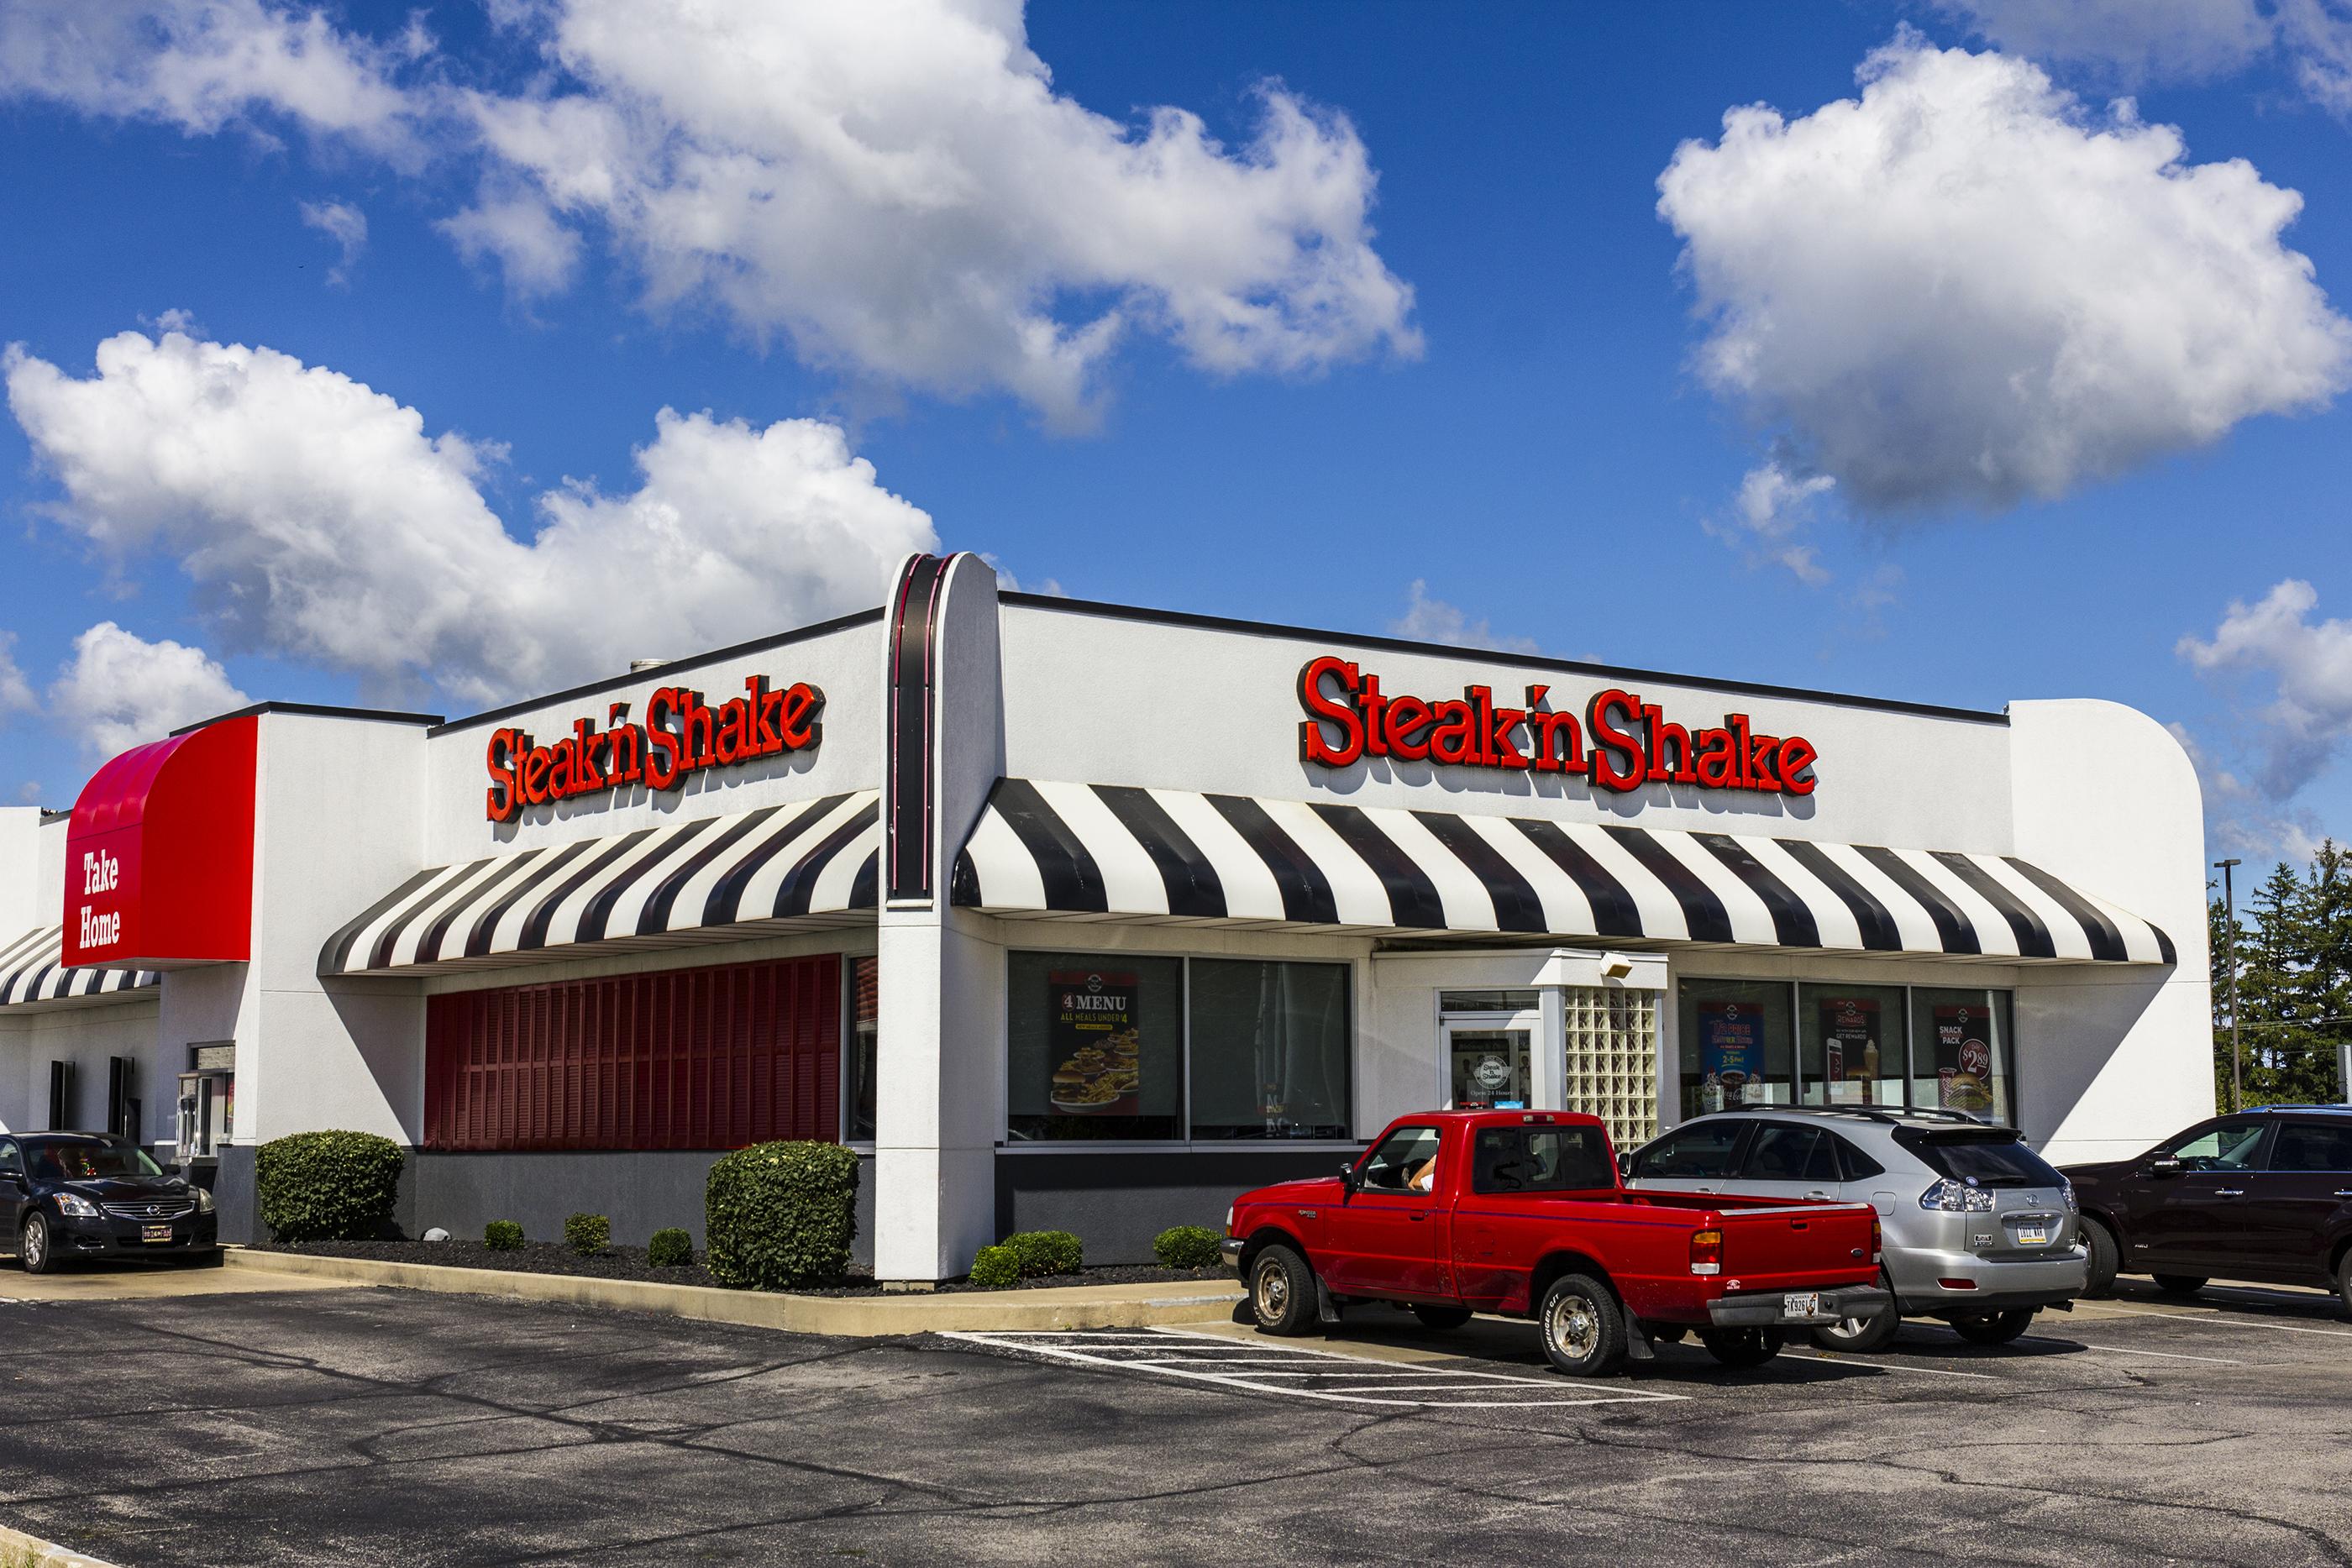 180308-best-casual-dining-steak-n-shake